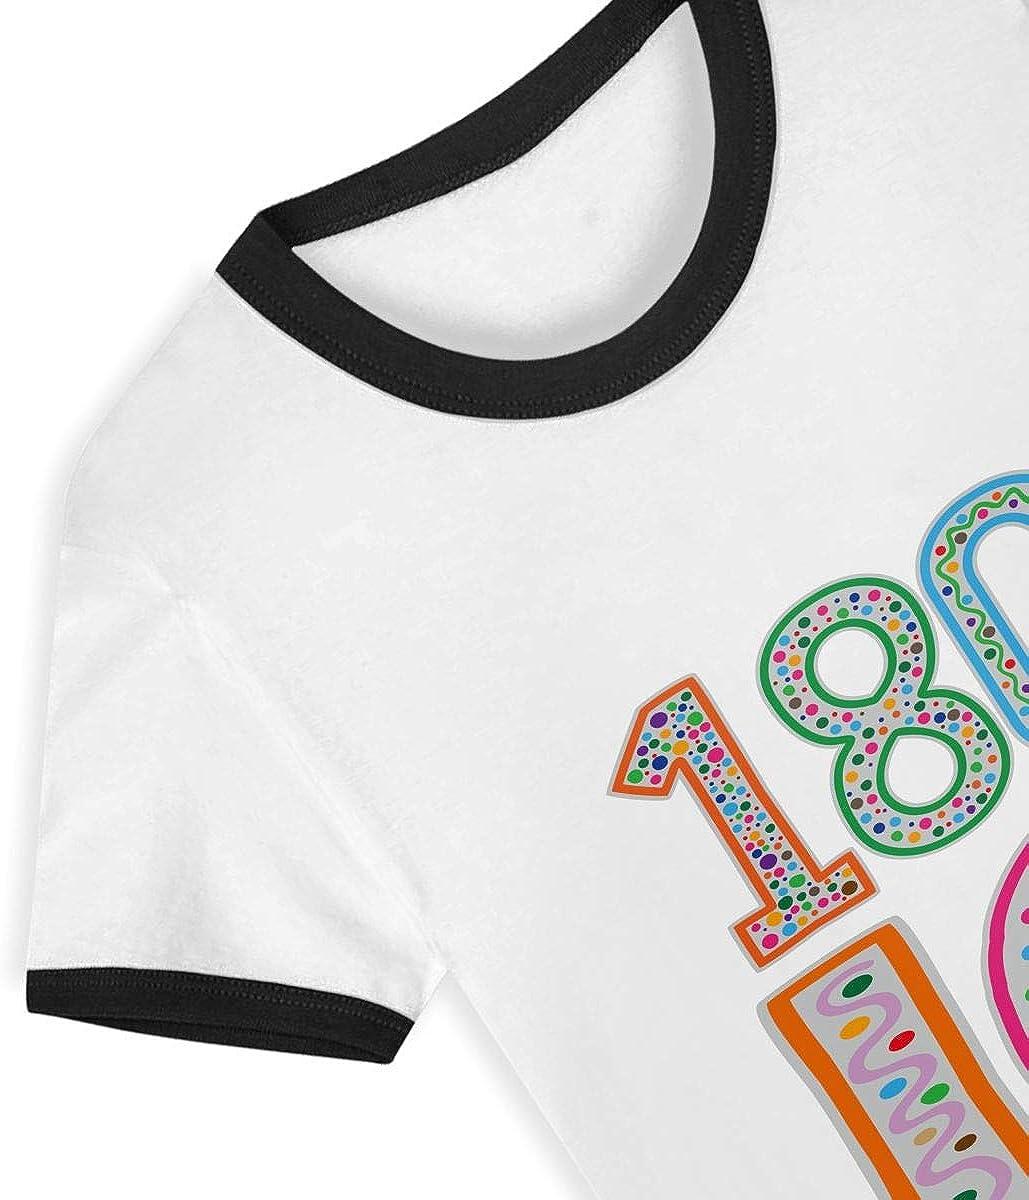 HIGASQ Unisex Baby 180 IQ O Neck Toddlers Short Sleeve Baseball T Shirt for 2-6 Boys Girls